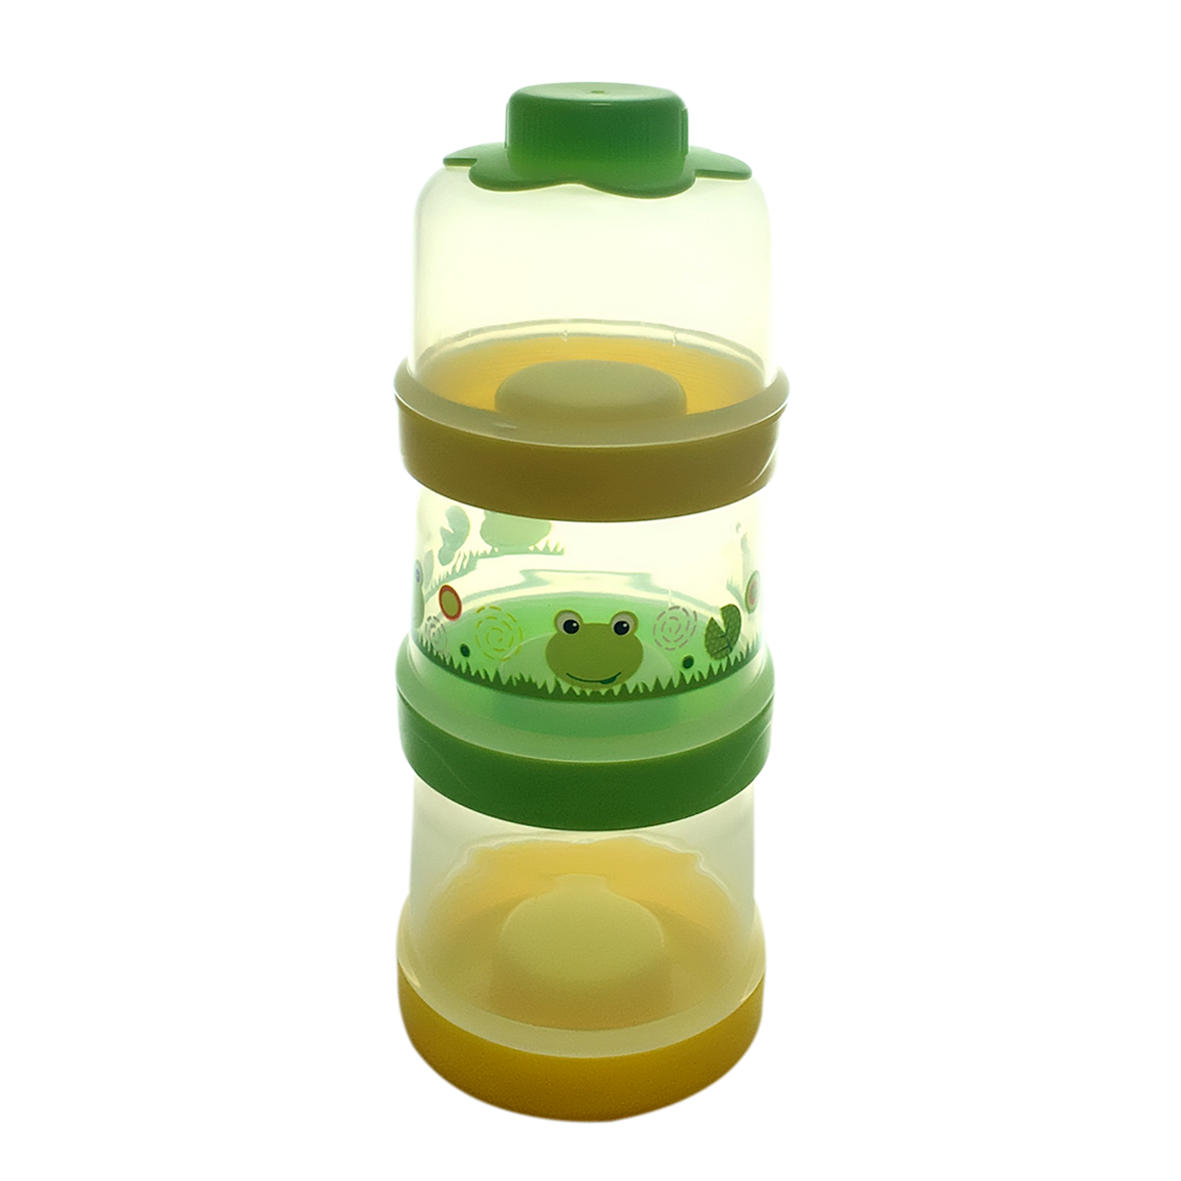 Hộp chia sữa 3 tầng tách riêng, kèm nắp (55501)